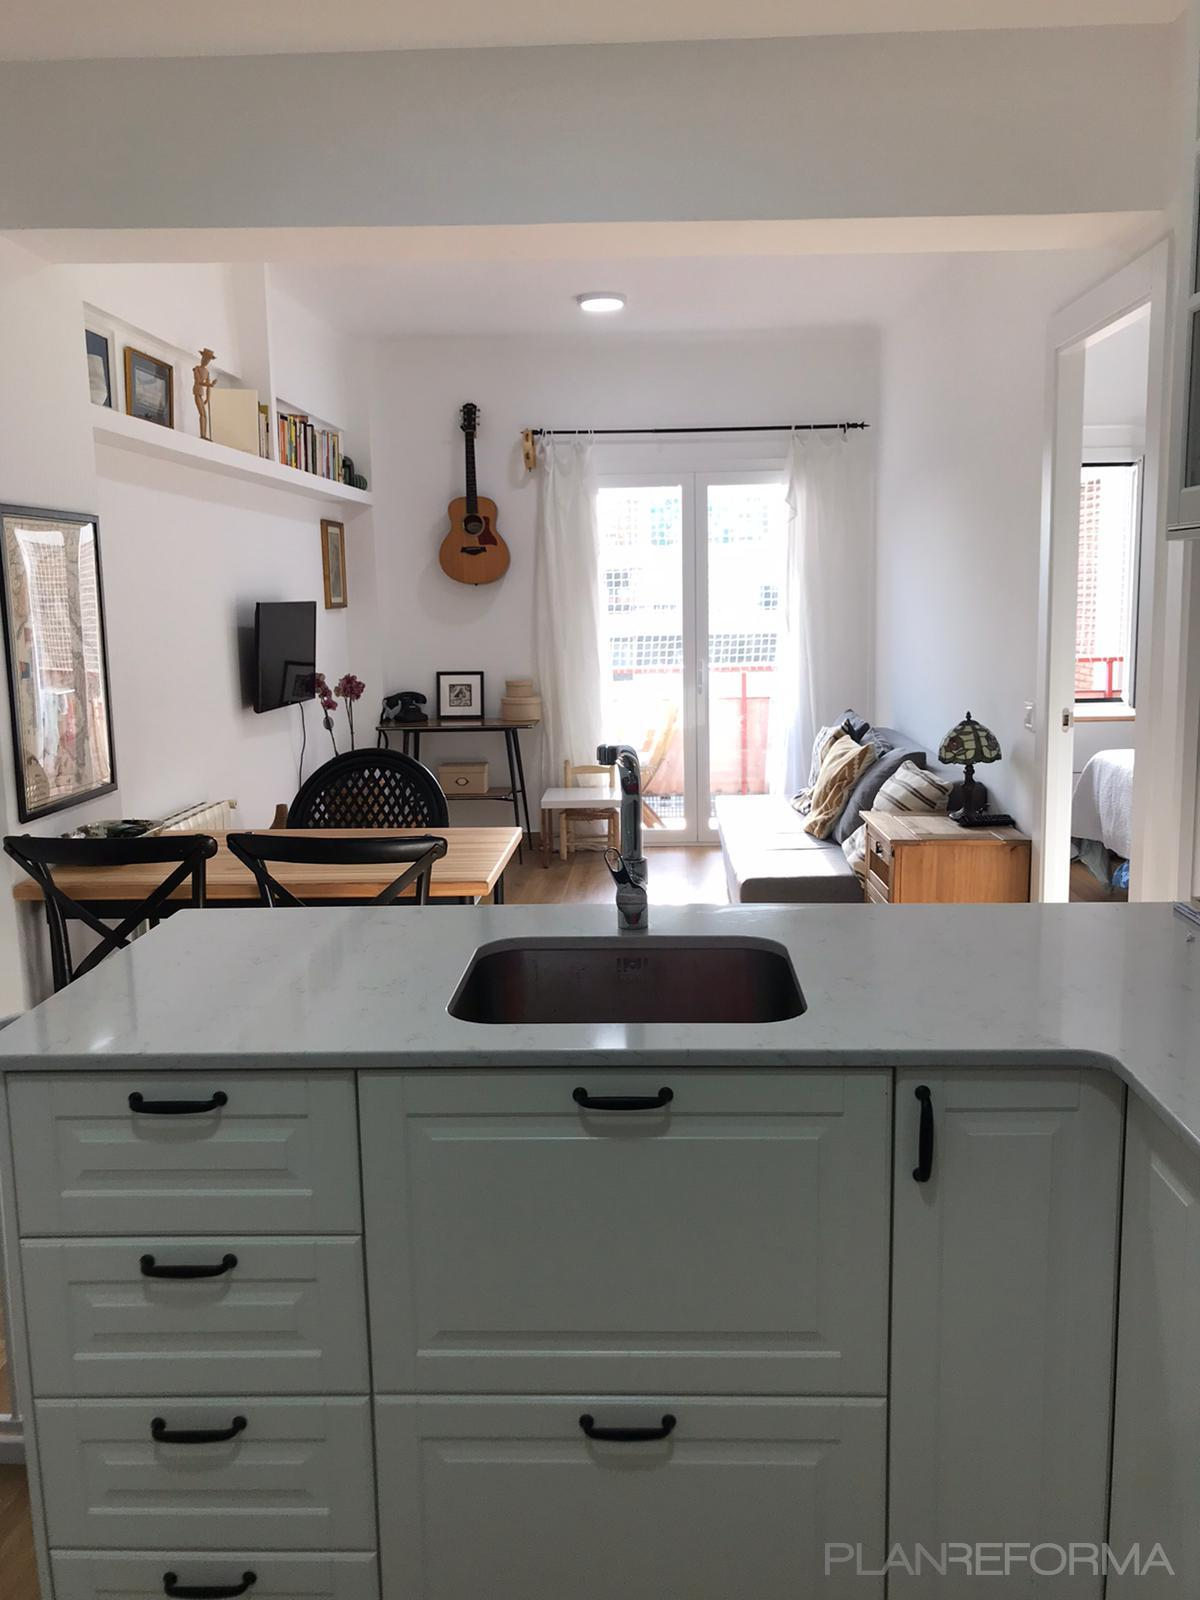 Comedor, Cocina Estilo moderno Color blanco  diseñado por Fermix construcciones s.l | Gremio | Copyright Fermix construcciones s.l